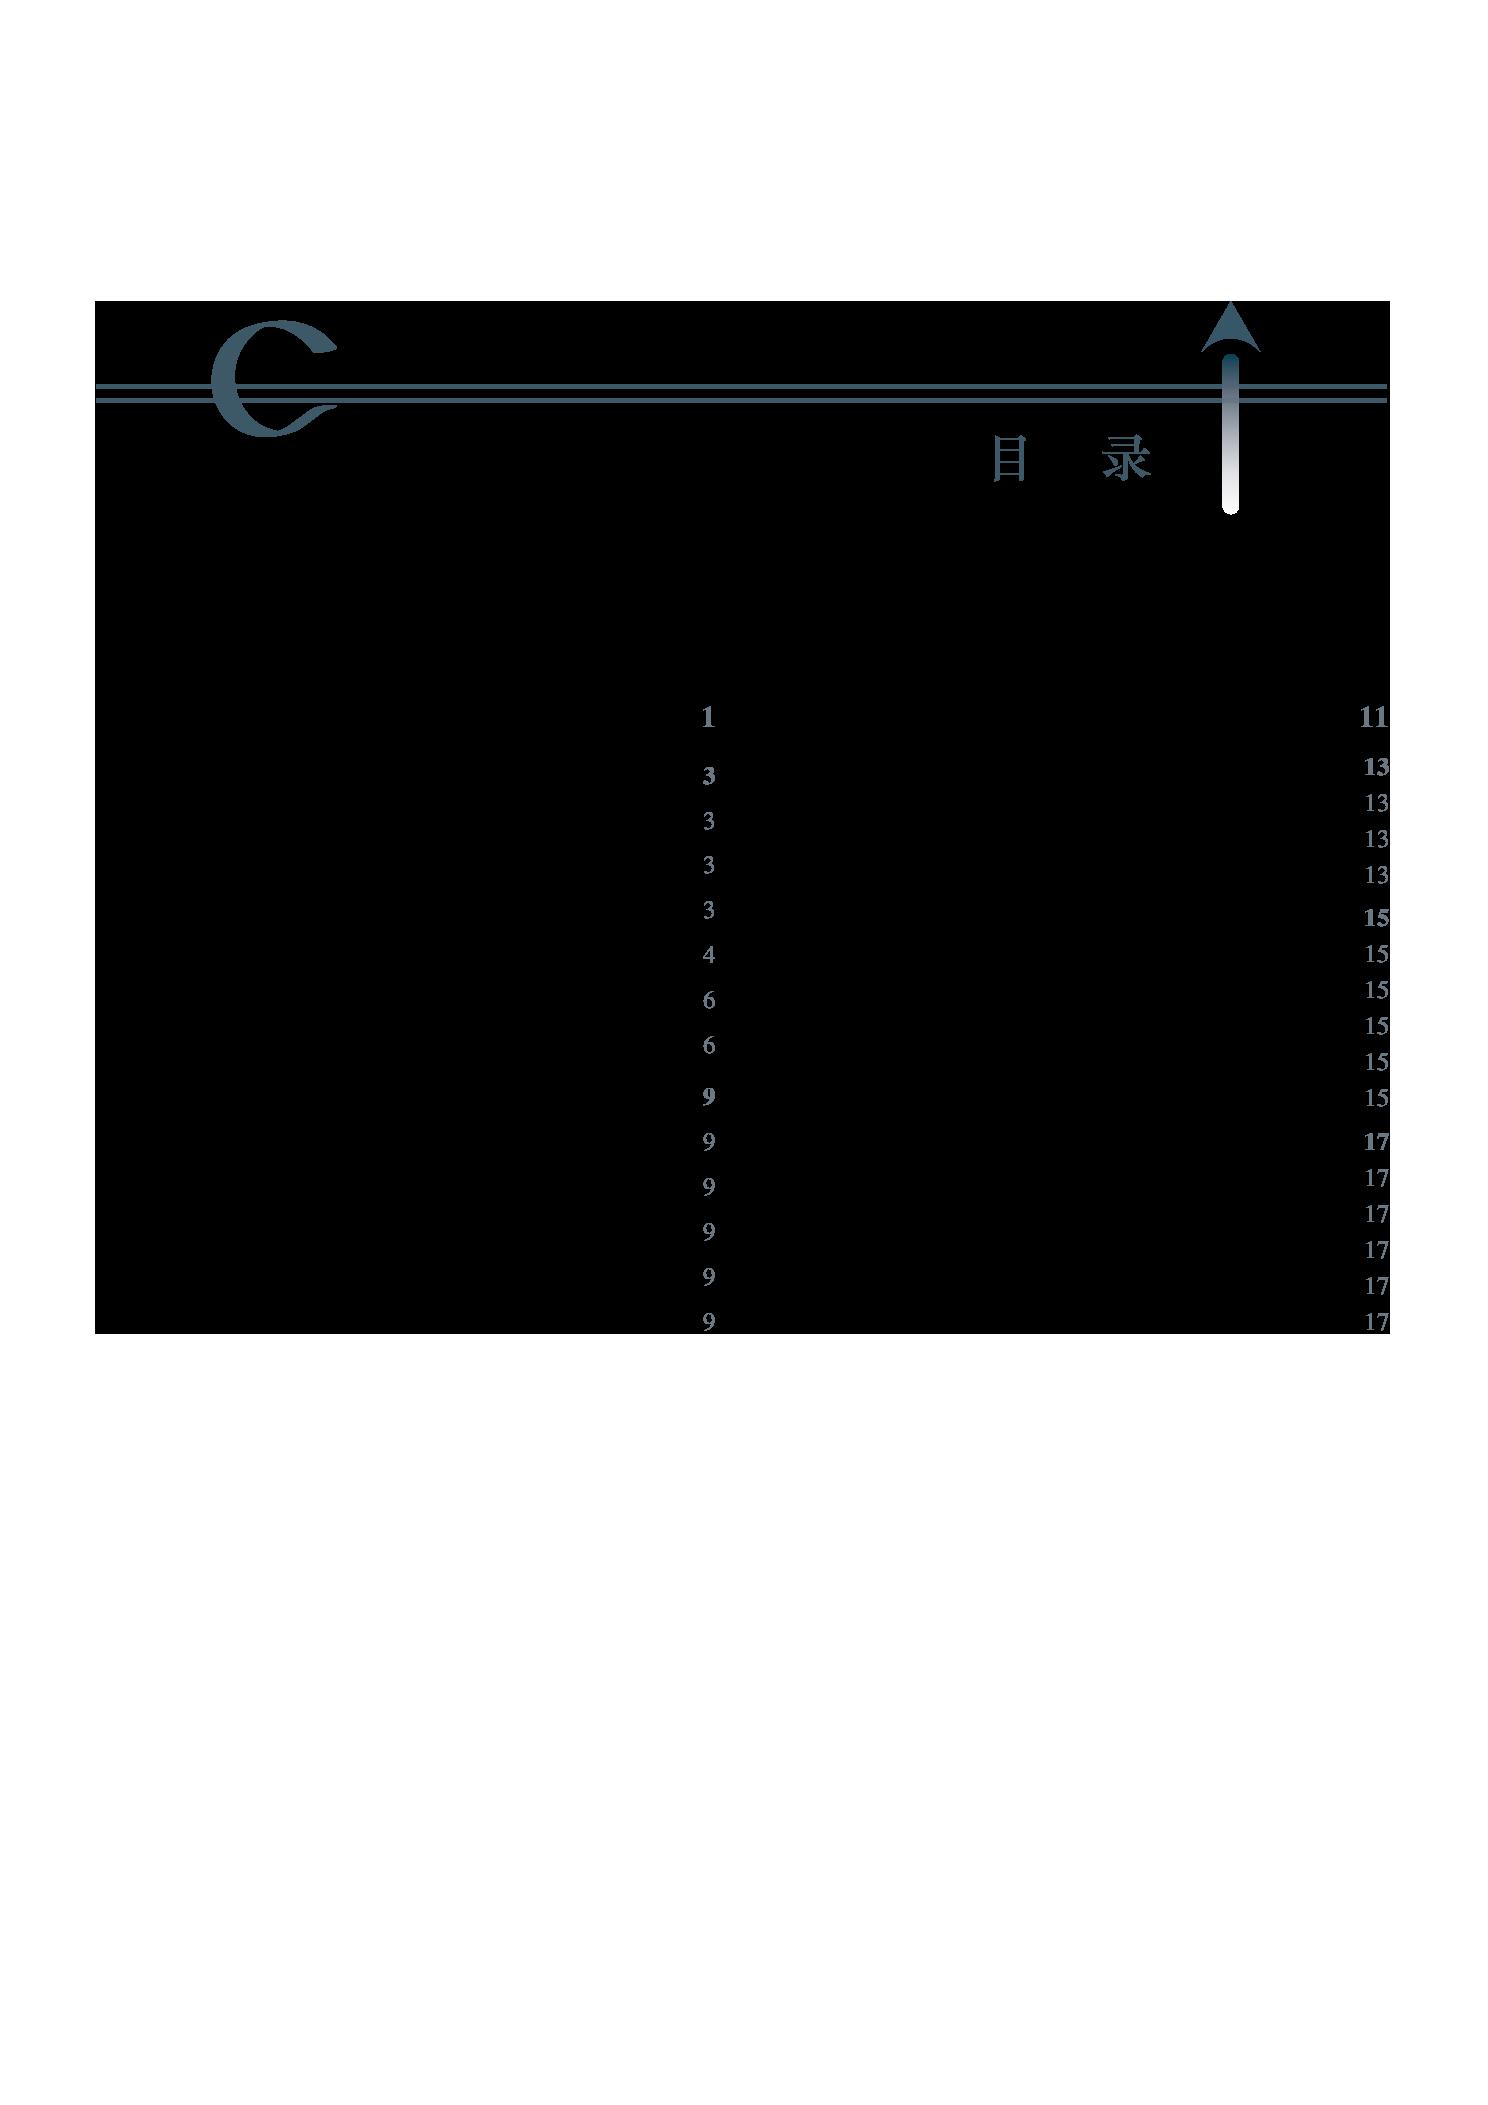 一份暗色调的物理笔记模板